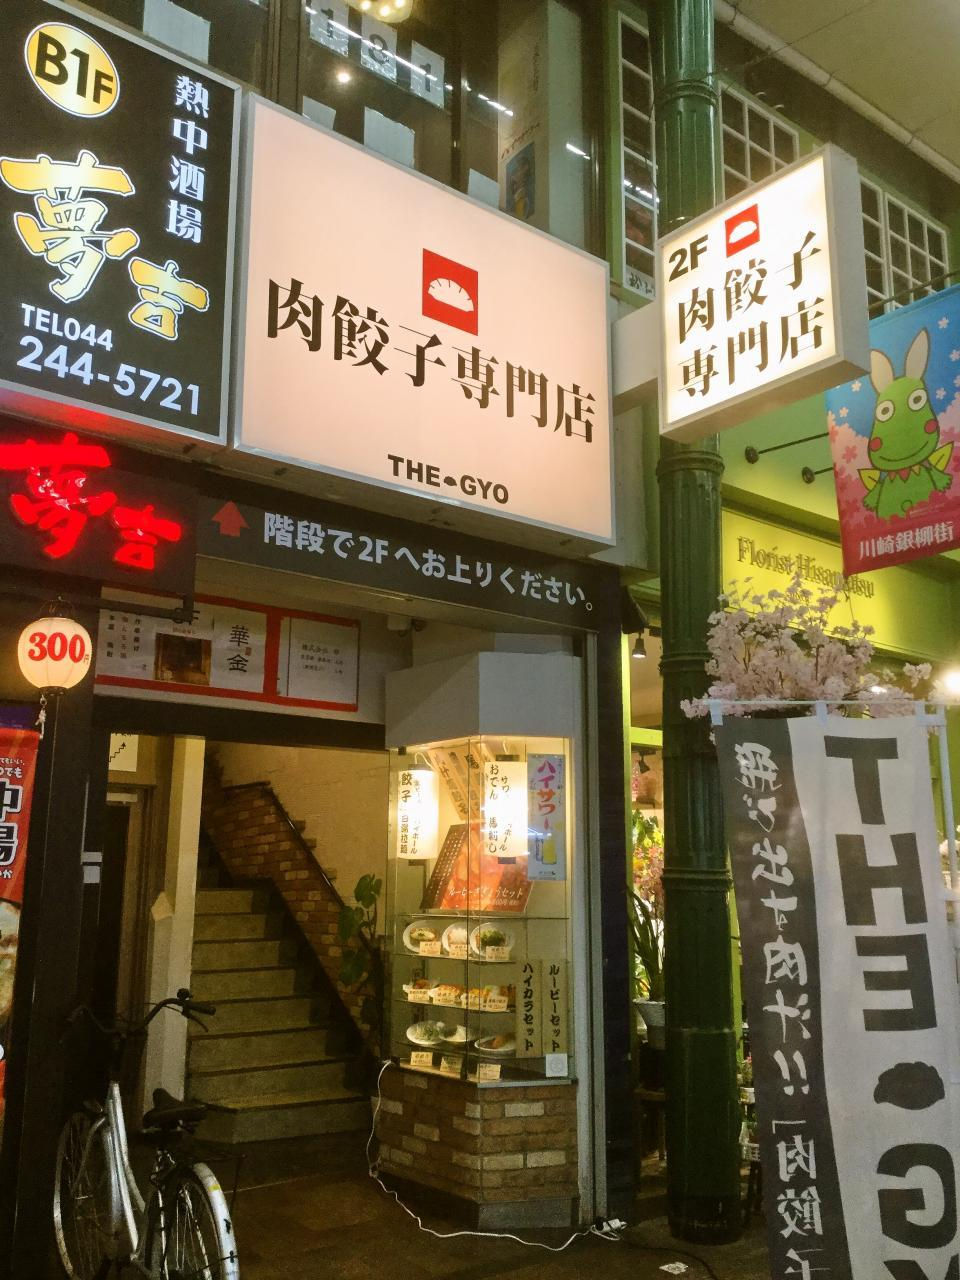 肉餃子専門店 THE GYO 川崎店(店舗)